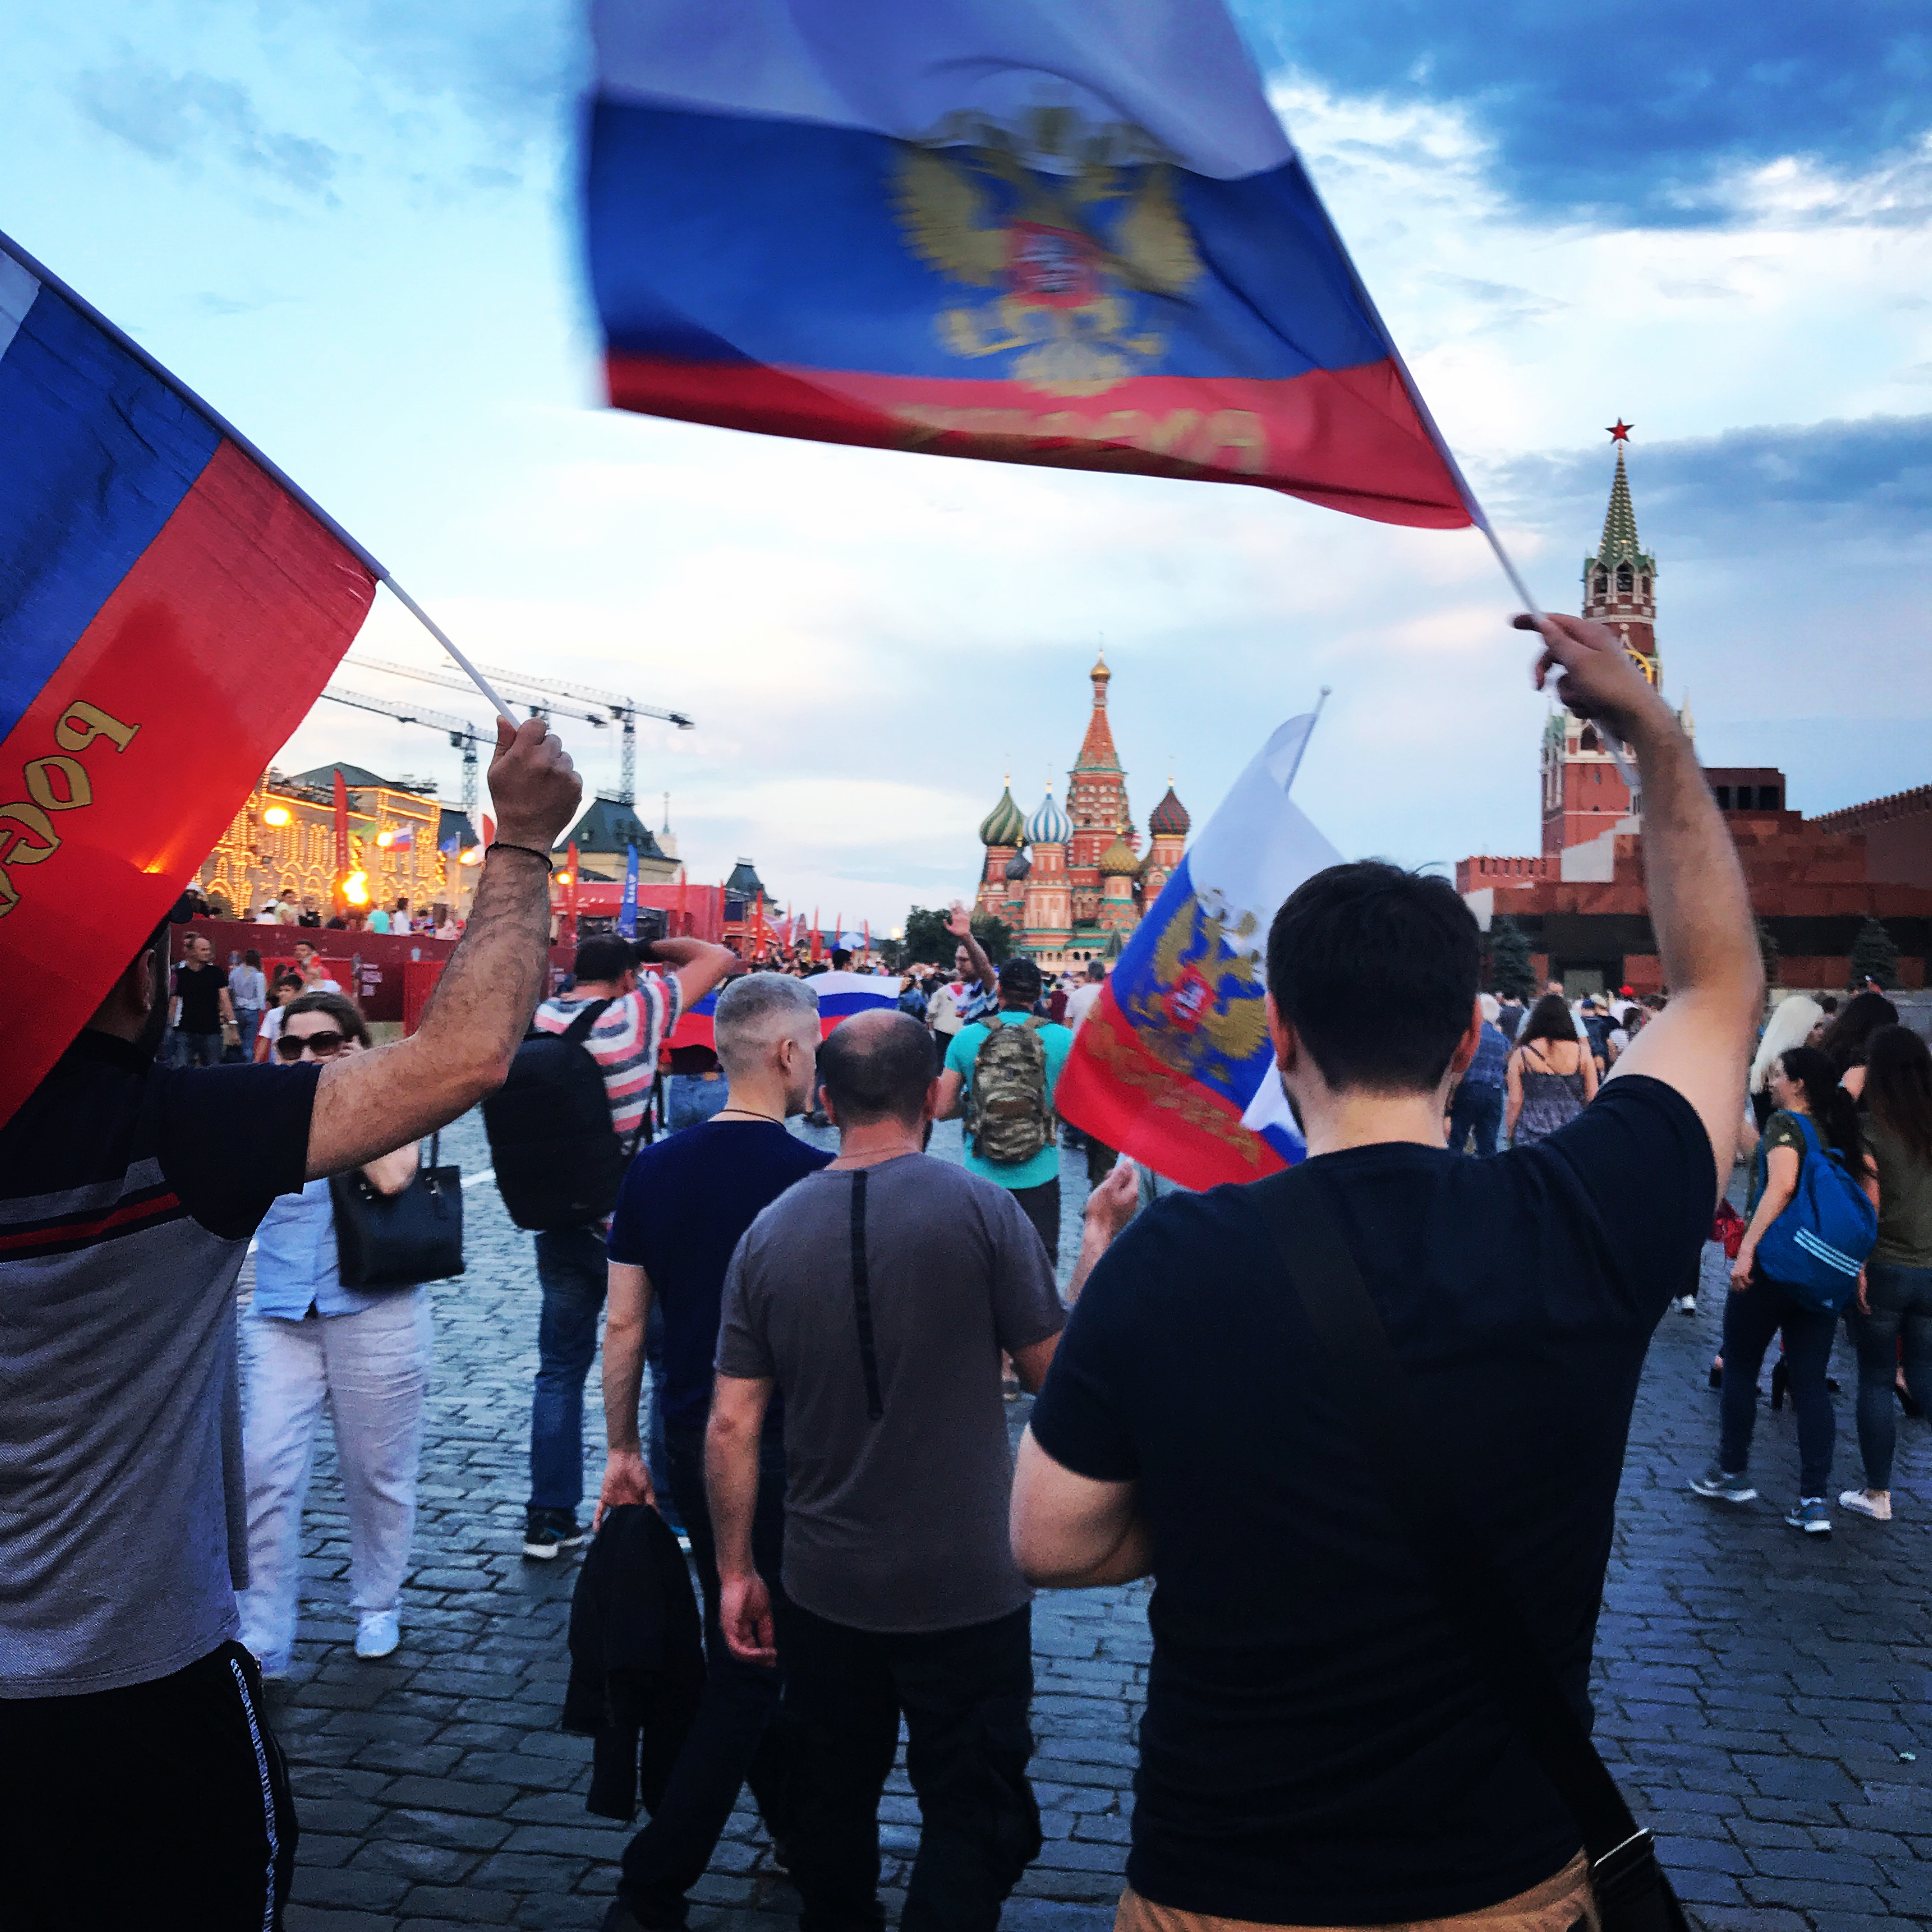 kscheib russball wm russland 2018 roter platz